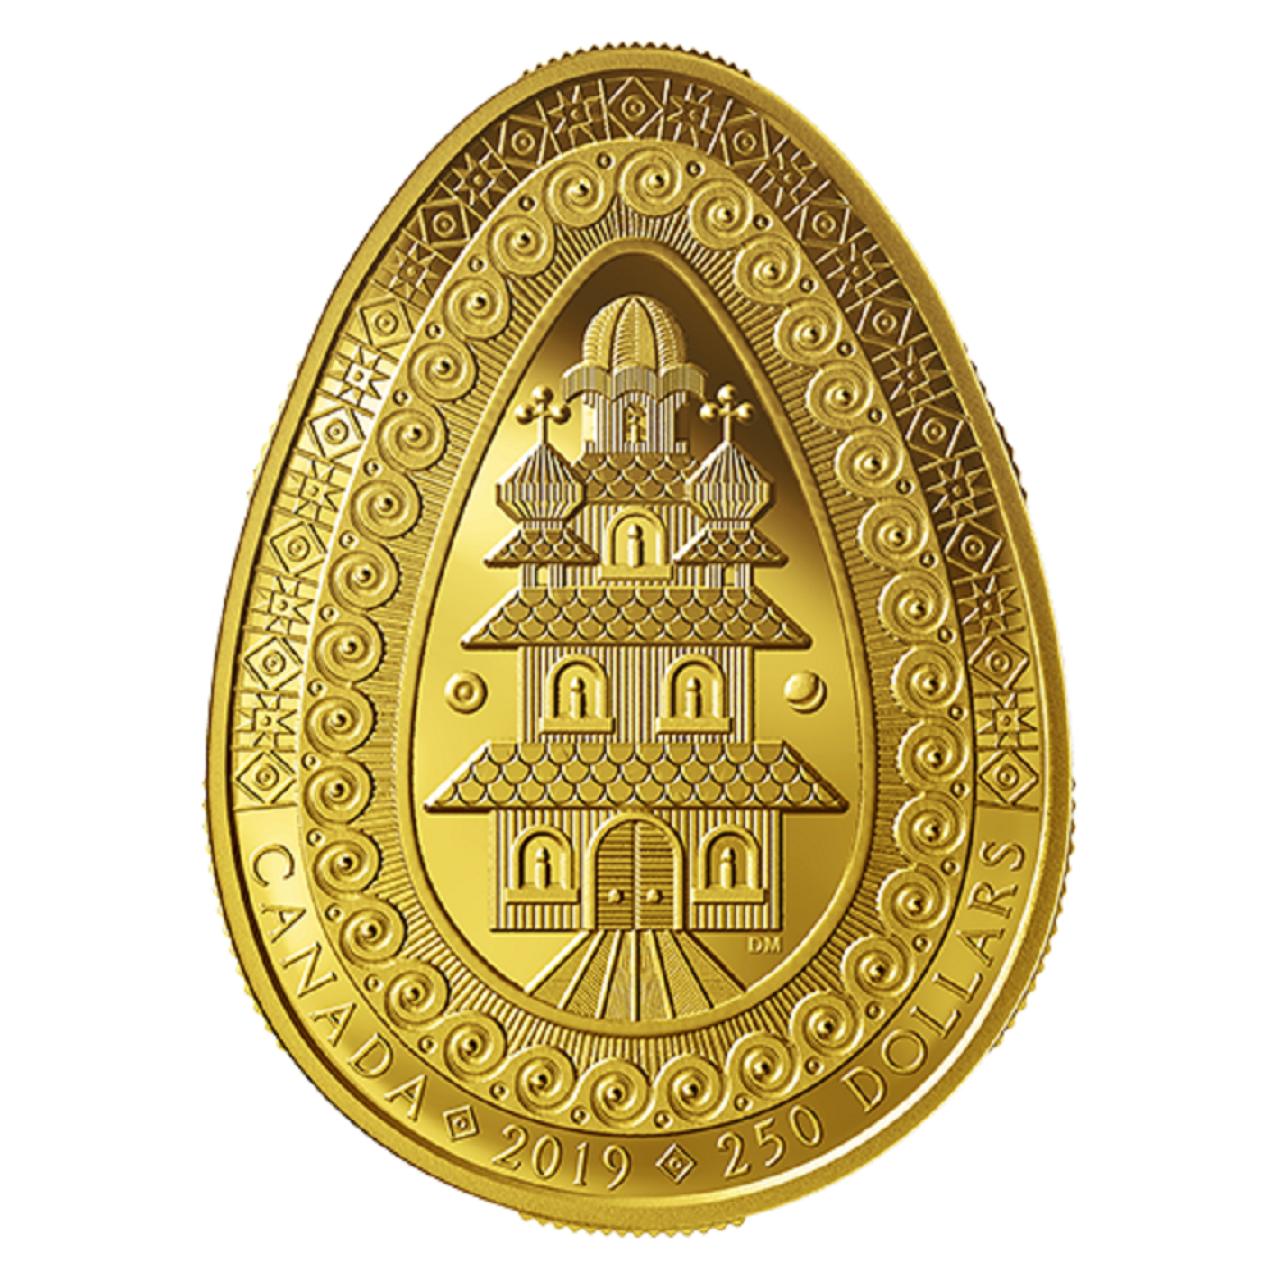 У Канаді випустили золоту монету у формі української писанки – її ціна вражає - фото 429310